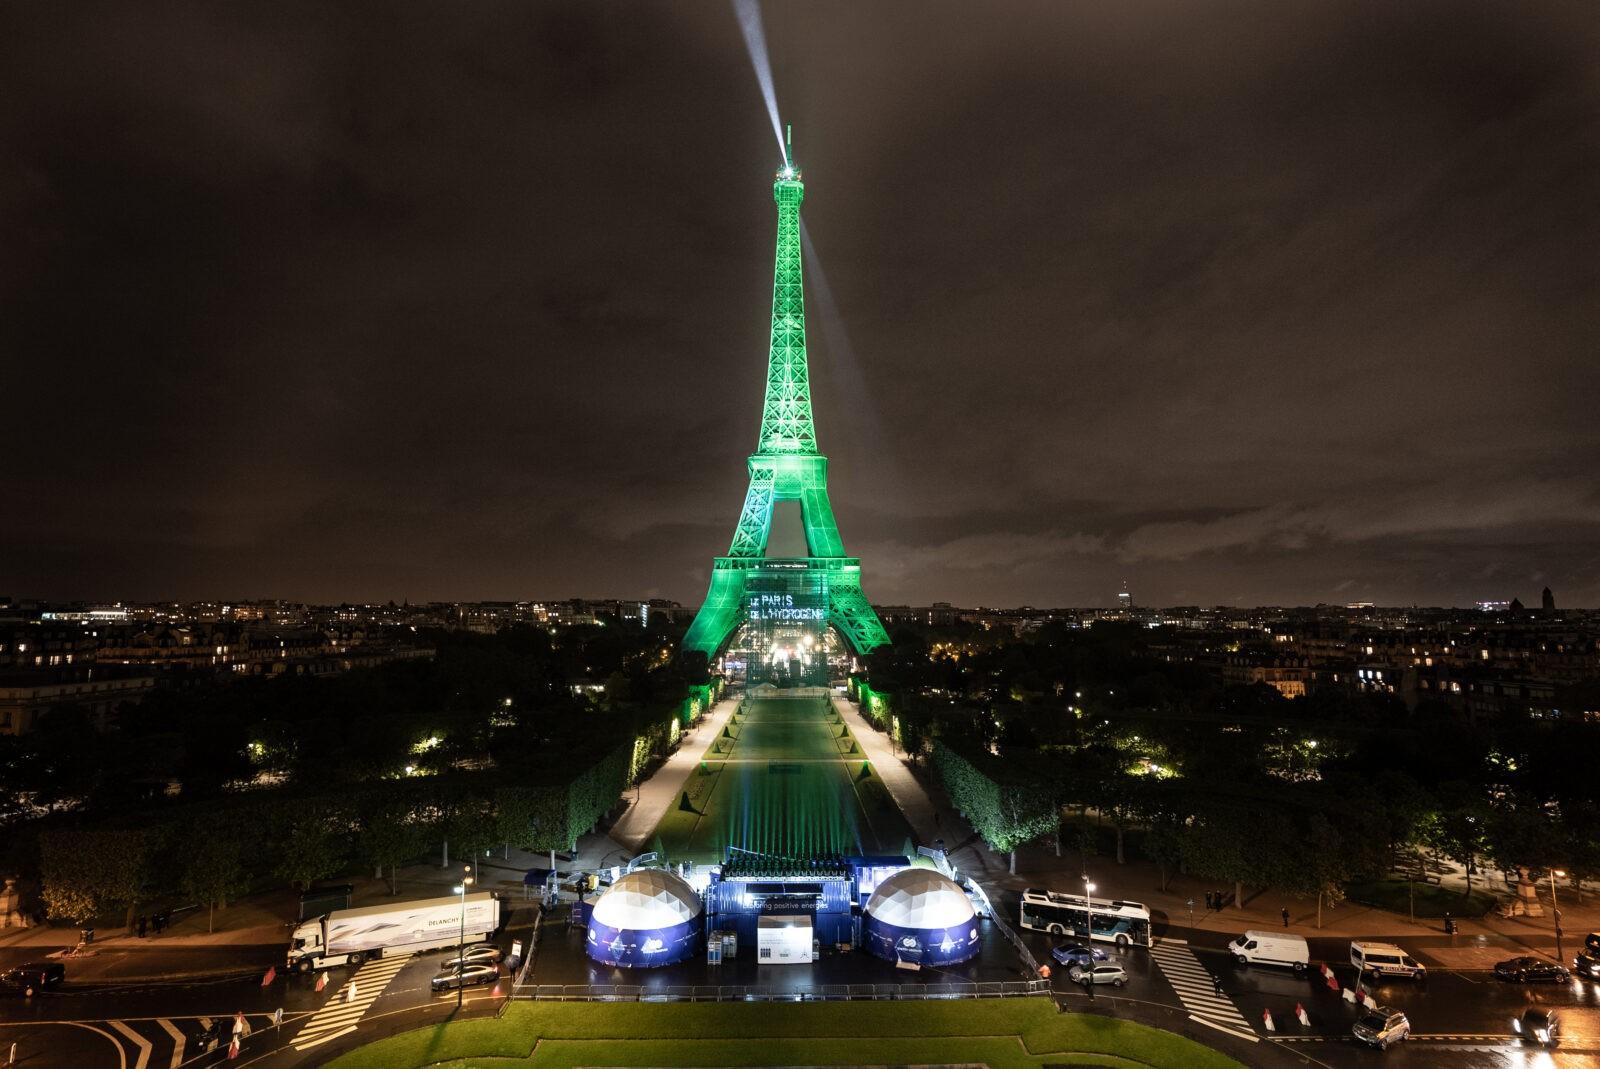 Le Pôle Mer et Aventures de Rivacom médiatise Le Paris de l'hydrogène et l'illumination de la Tour Eiffel